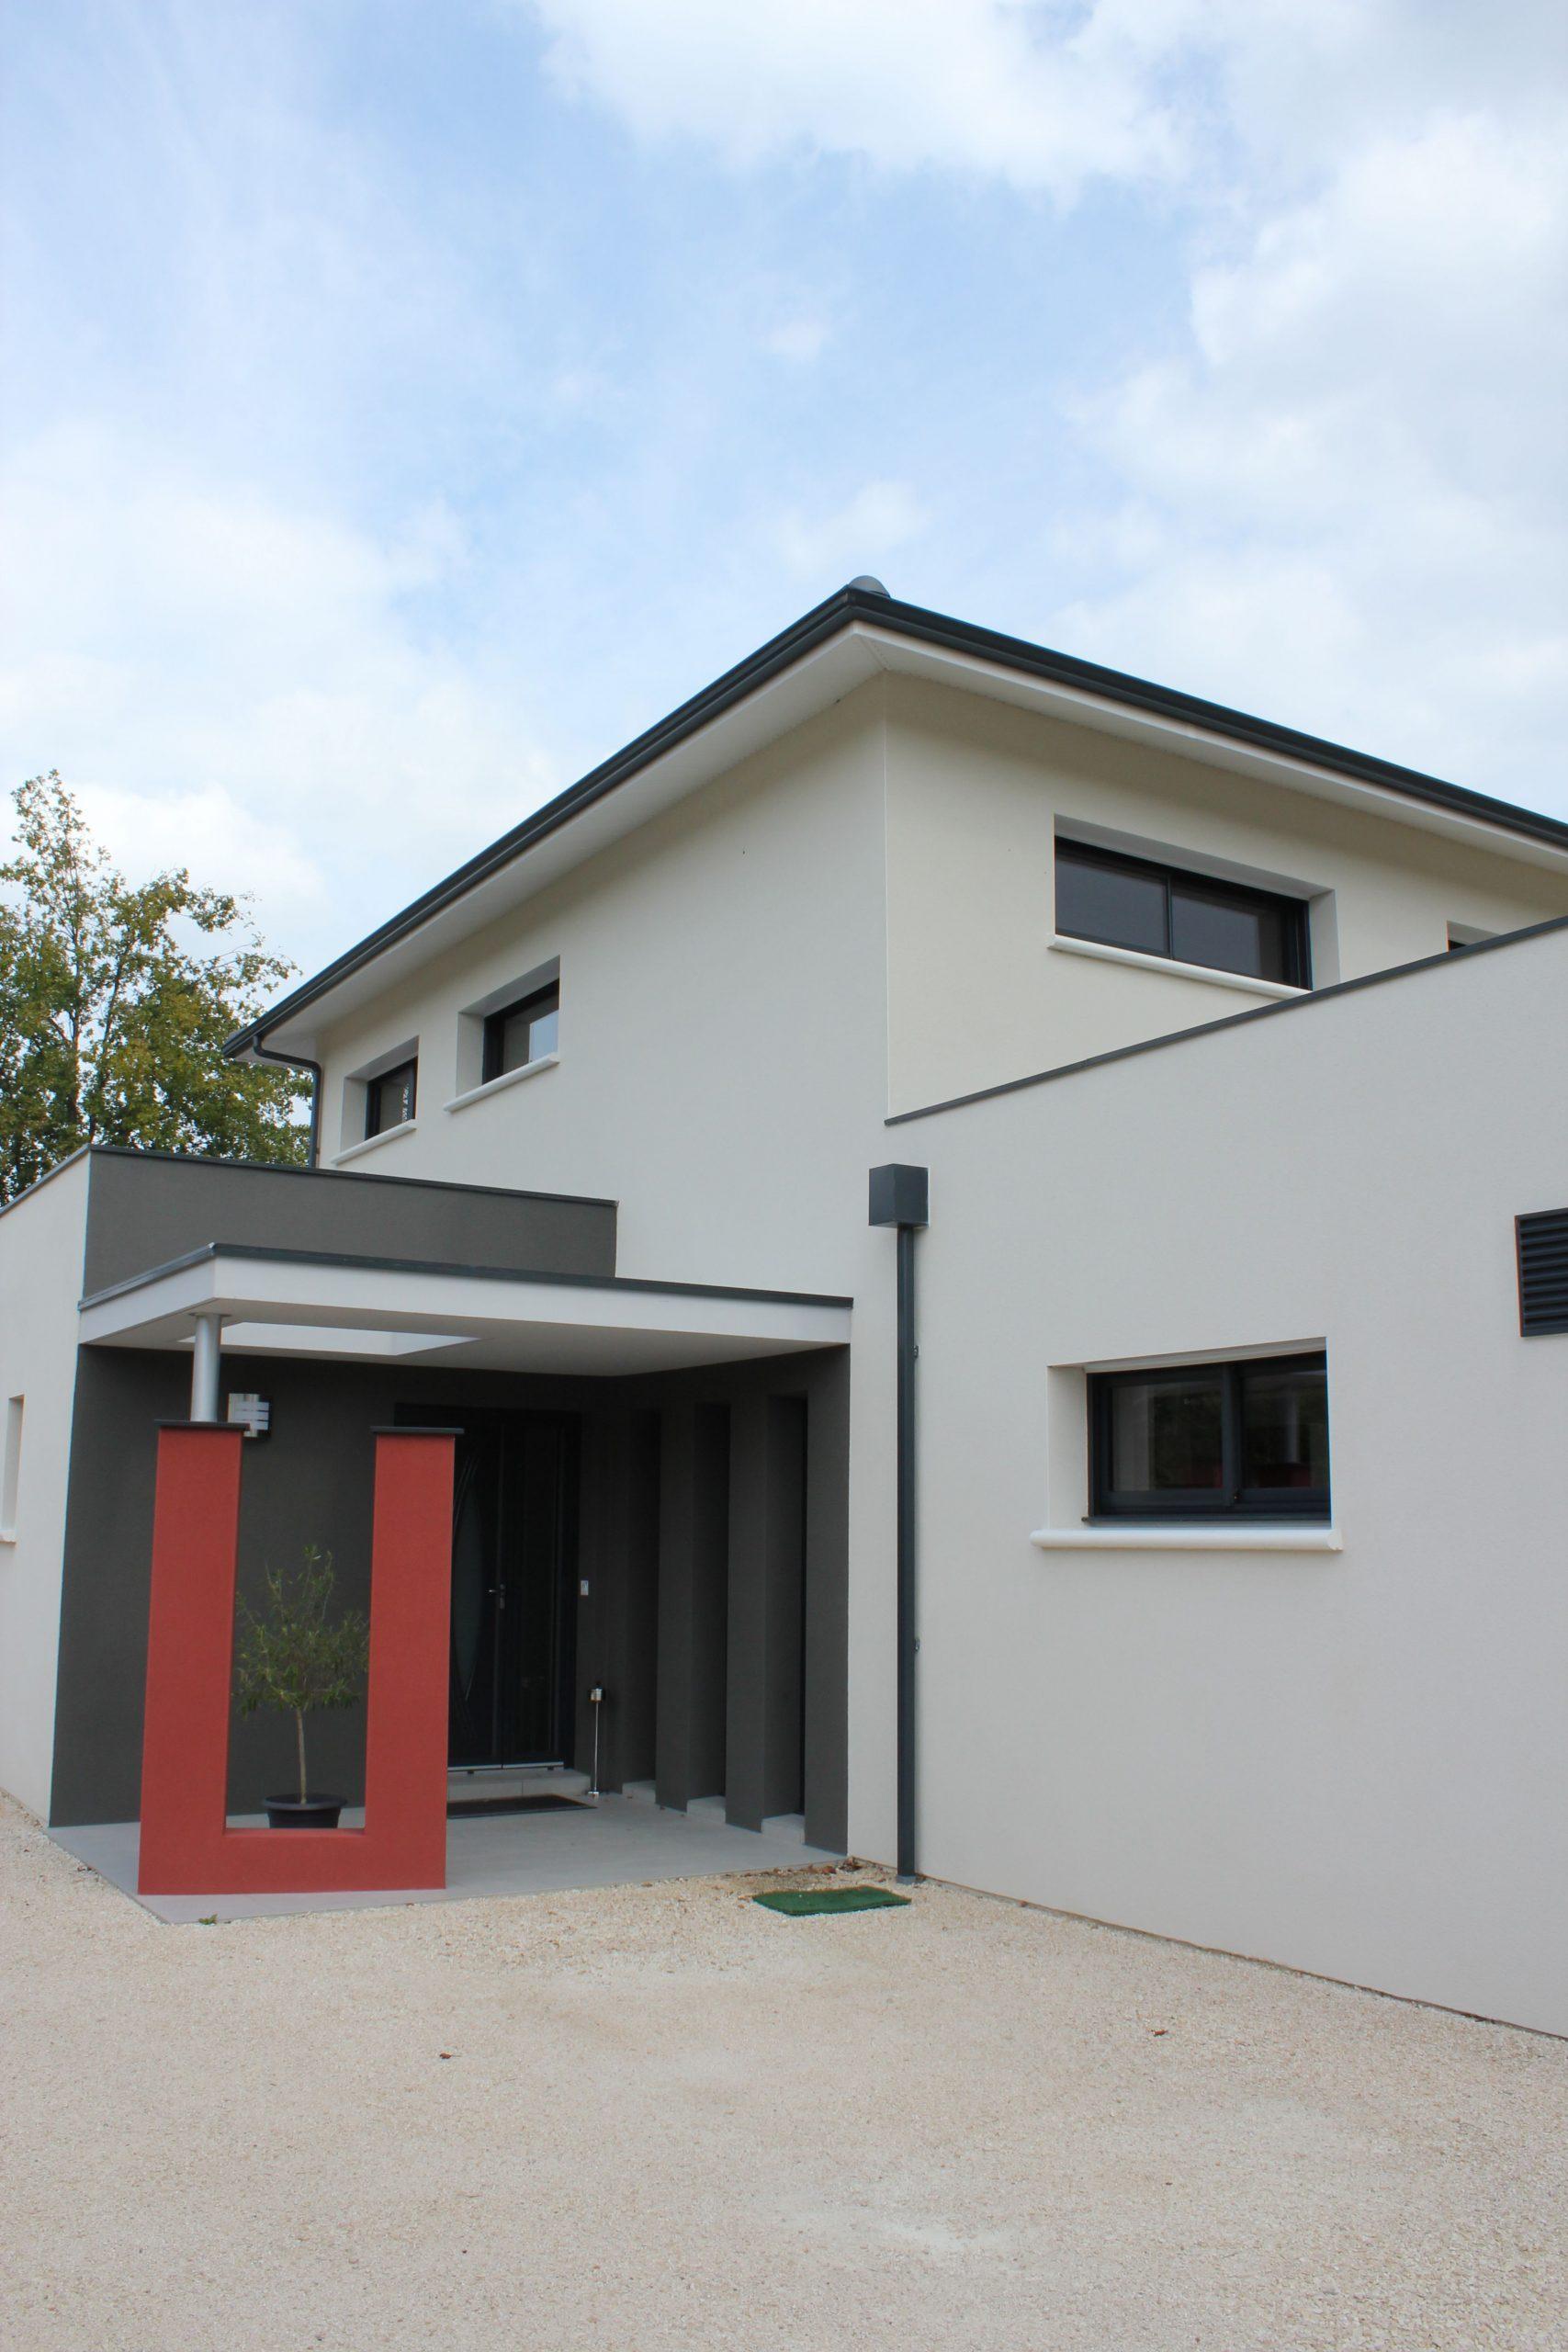 Porche D Entrée Maison Contemporaine de belles idées de porches d'entrée - quel constructeur choisir